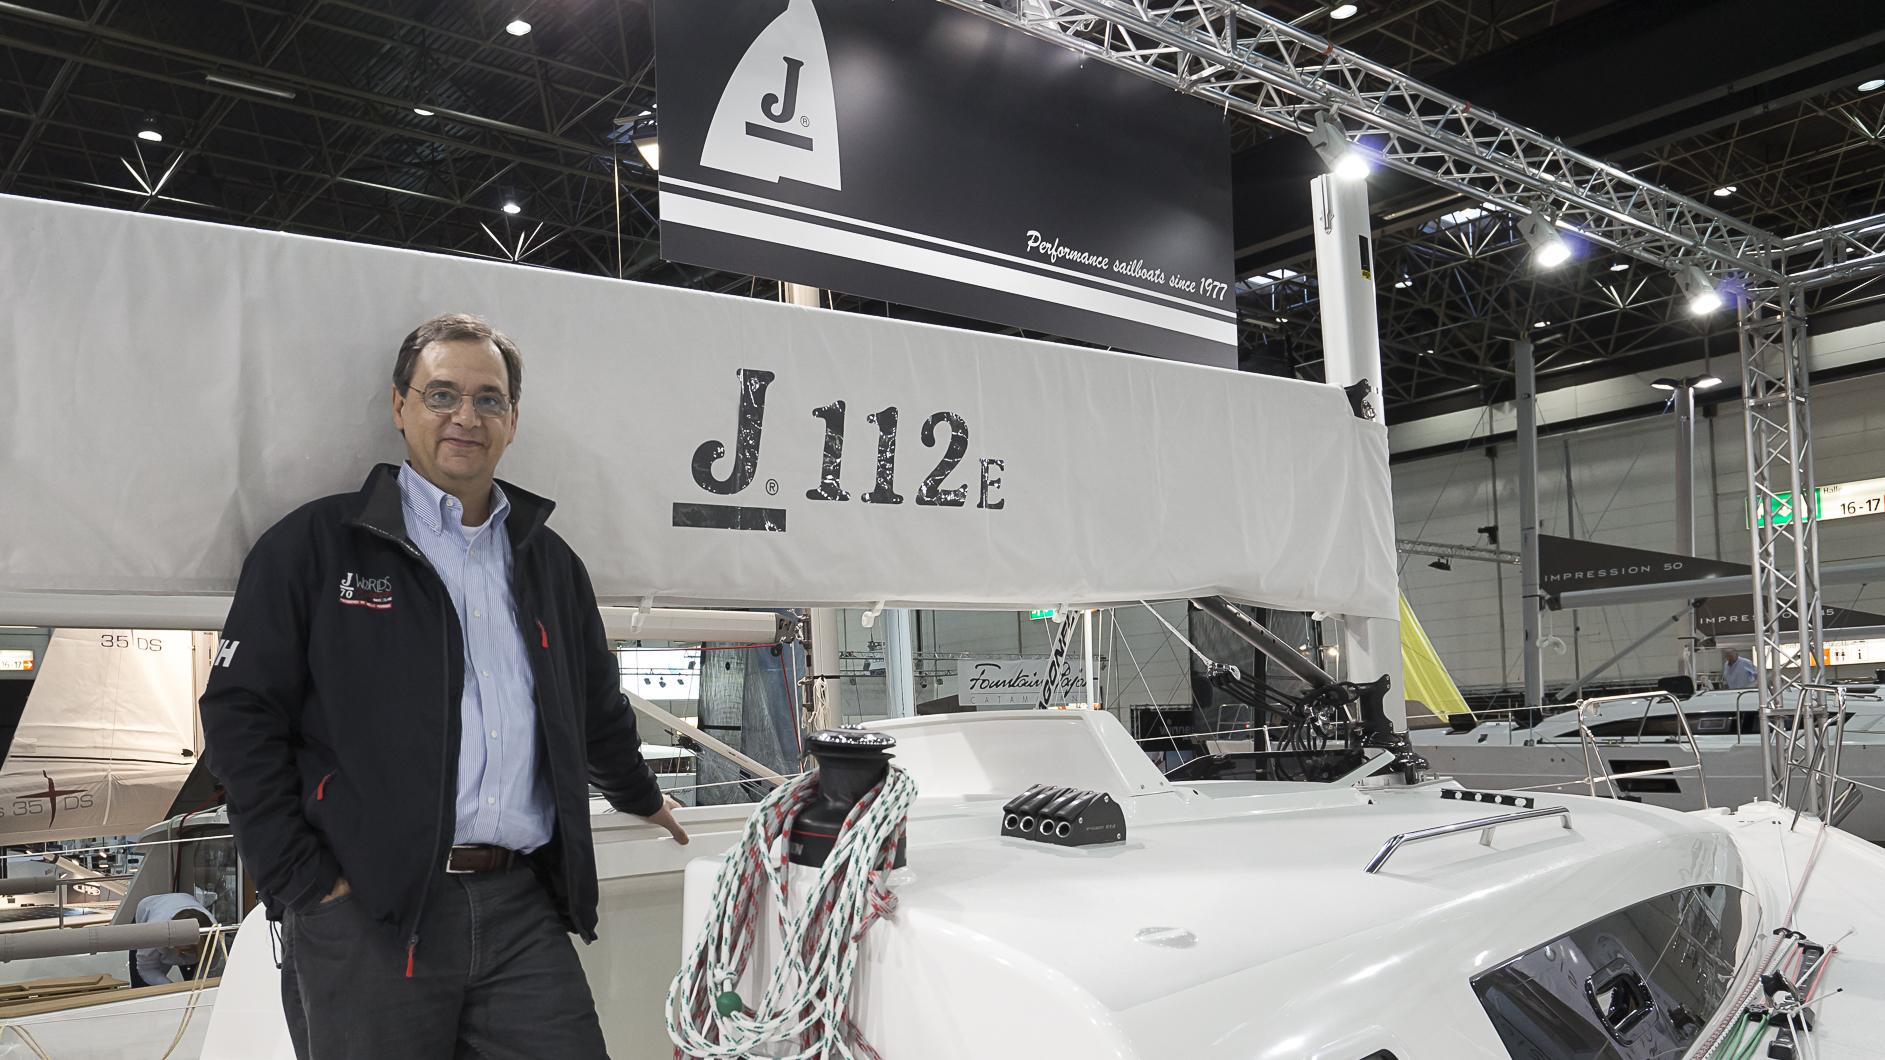 J/122E designer- Alan Johnstone at Boot Dusseldorf Boat Show, Germany